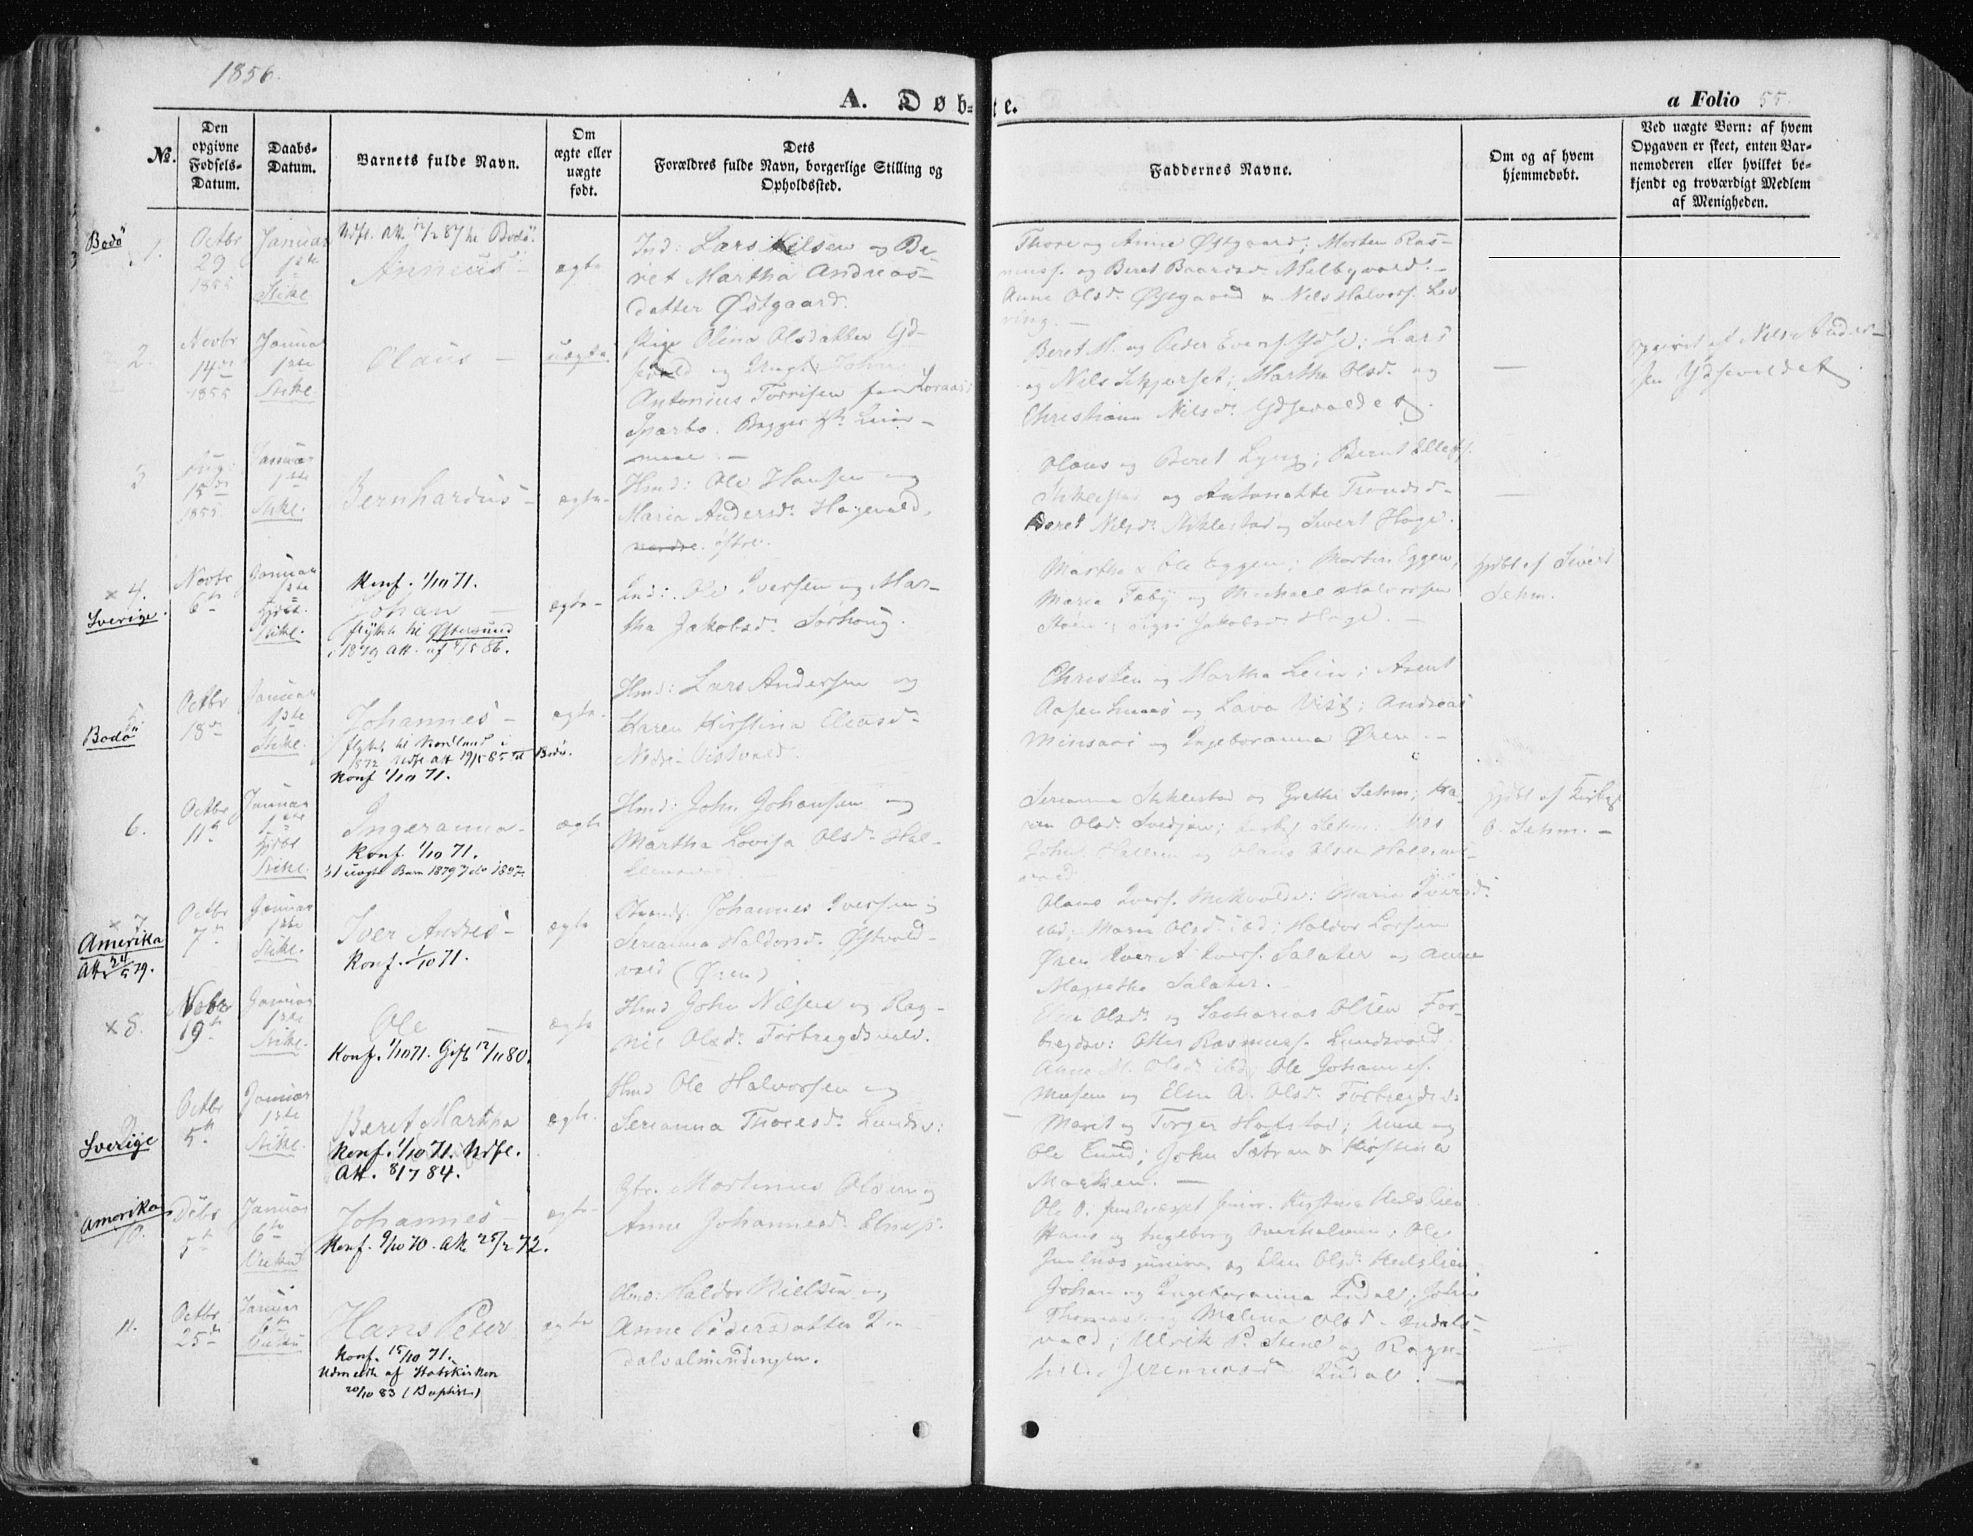 SAT, Ministerialprotokoller, klokkerbøker og fødselsregistre - Nord-Trøndelag, 723/L0240: Ministerialbok nr. 723A09, 1852-1860, s. 55